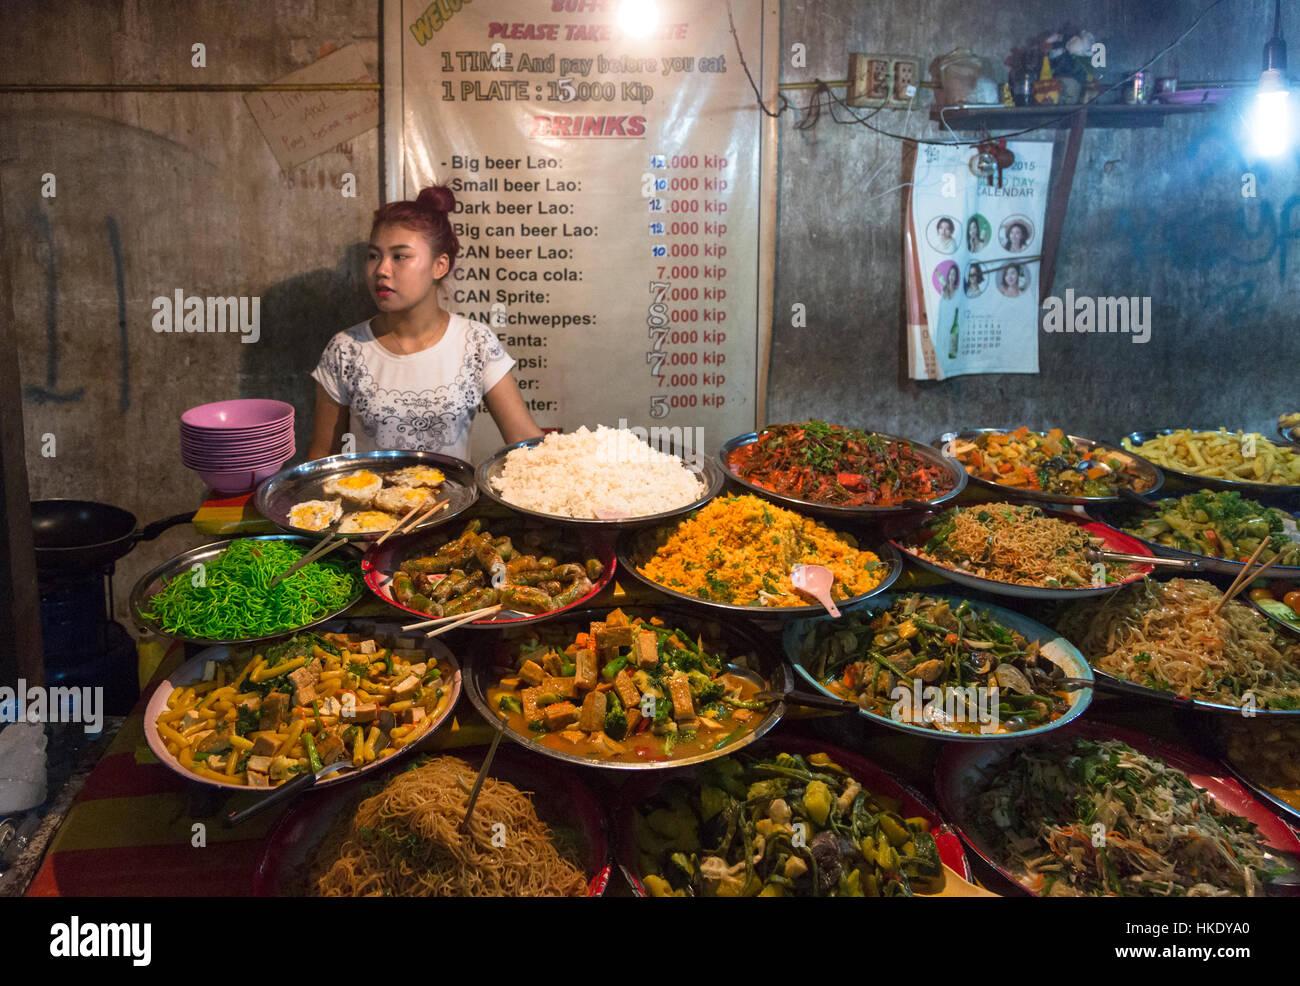 LUANG PRABANG, LAOS - 15 MAI 2015: Une jeune femme laotienne vend des aliments aux touristes dans une échoppe Photo Stock